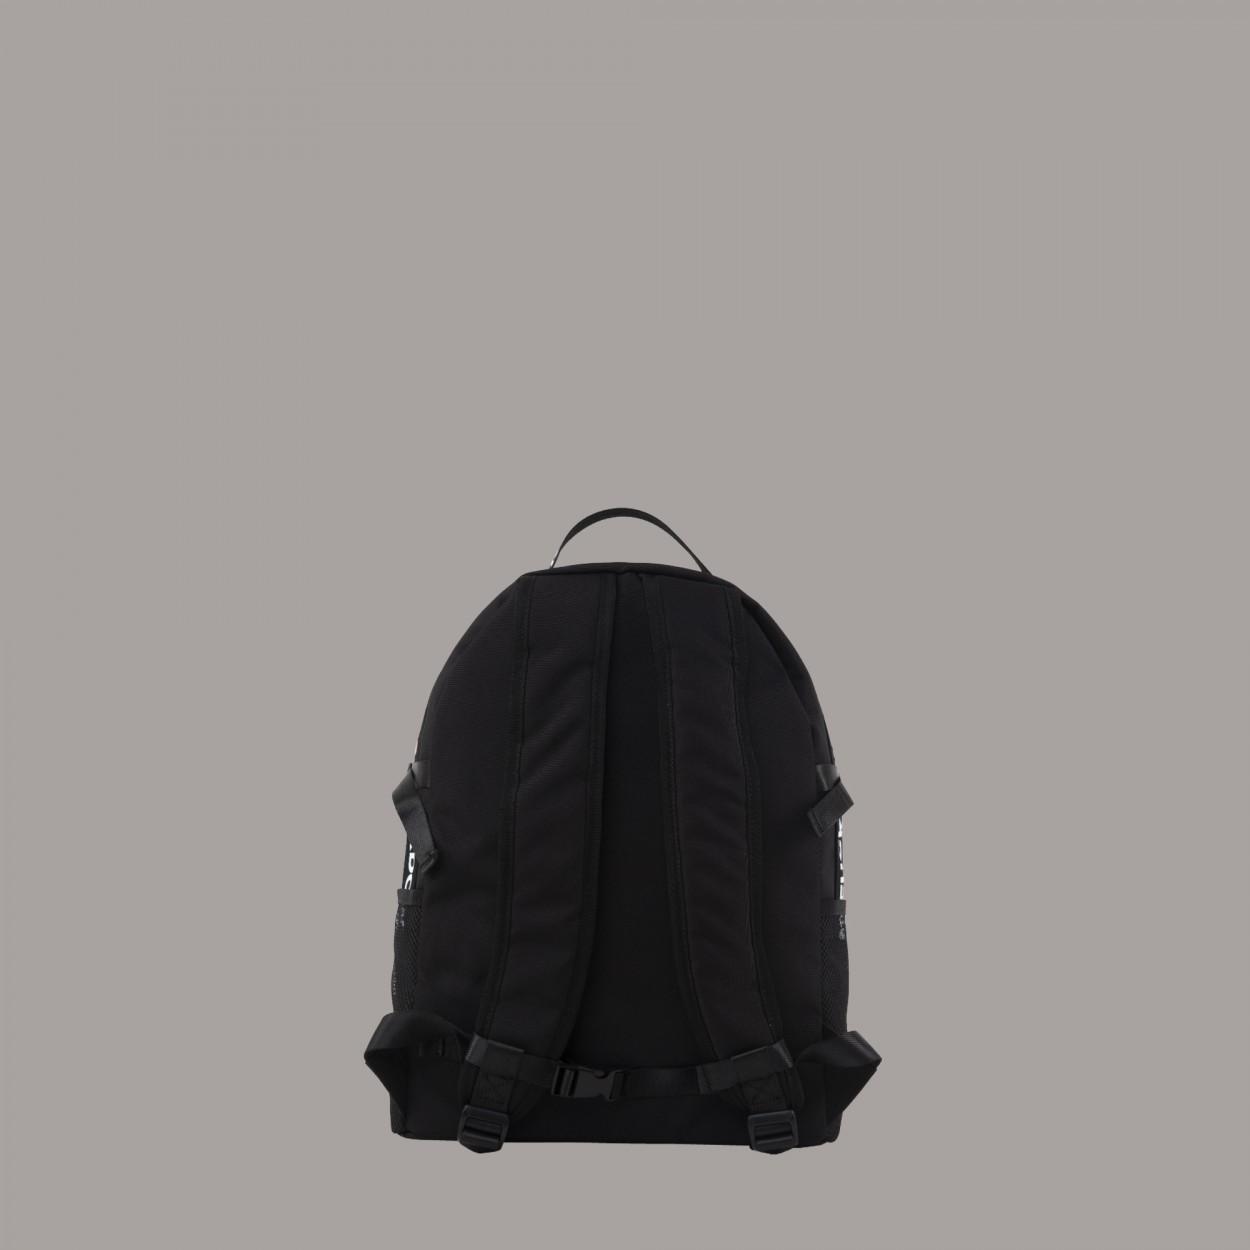 HAT - CDFA12 - COMME DES FKDOWN